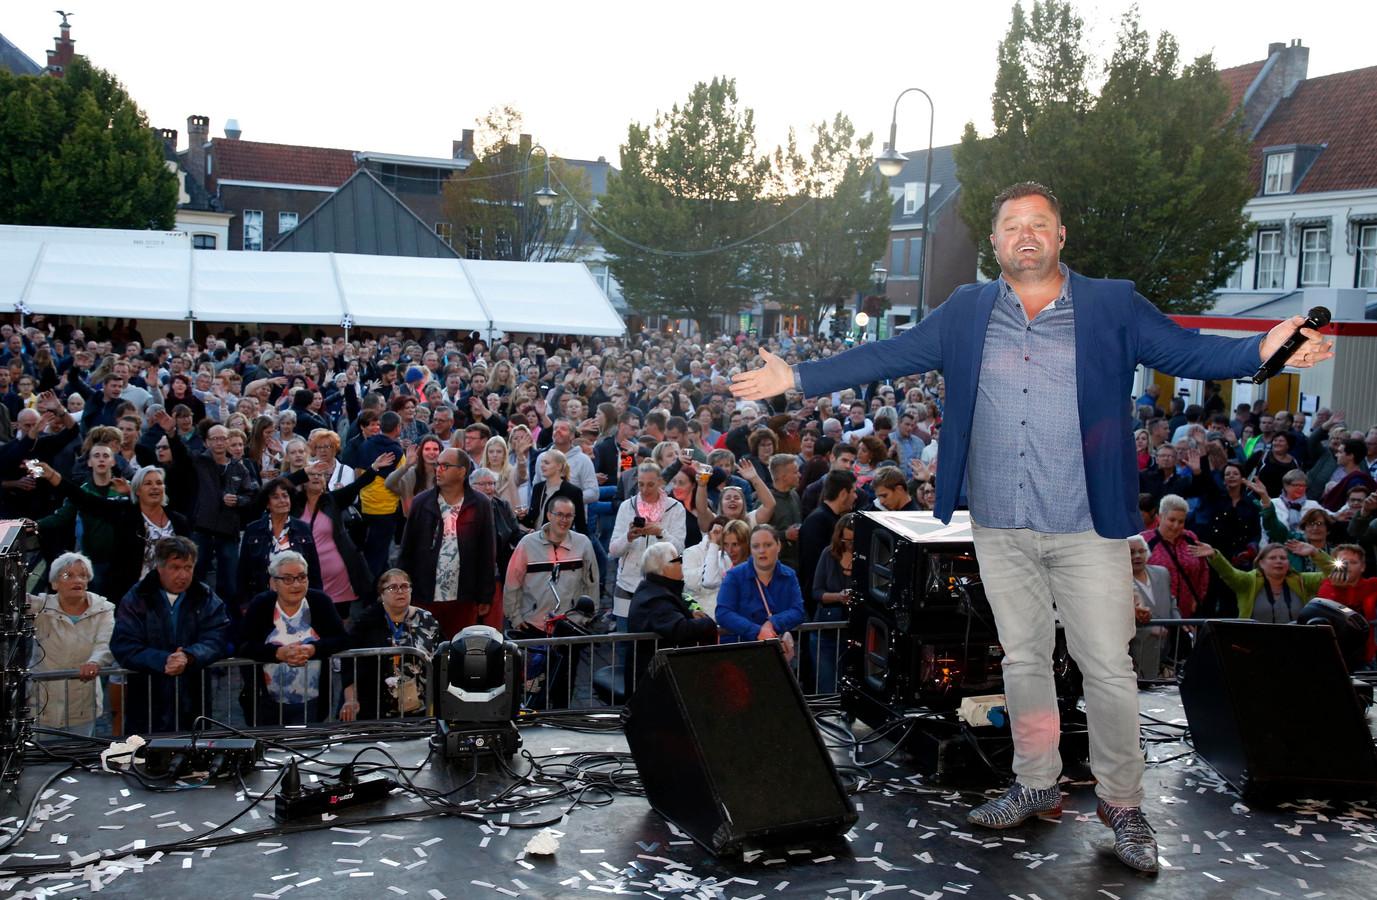 Frans Duijts speelde vorig jaar op een volgepakte Grote Markt tijdens de Vestingfeesten.